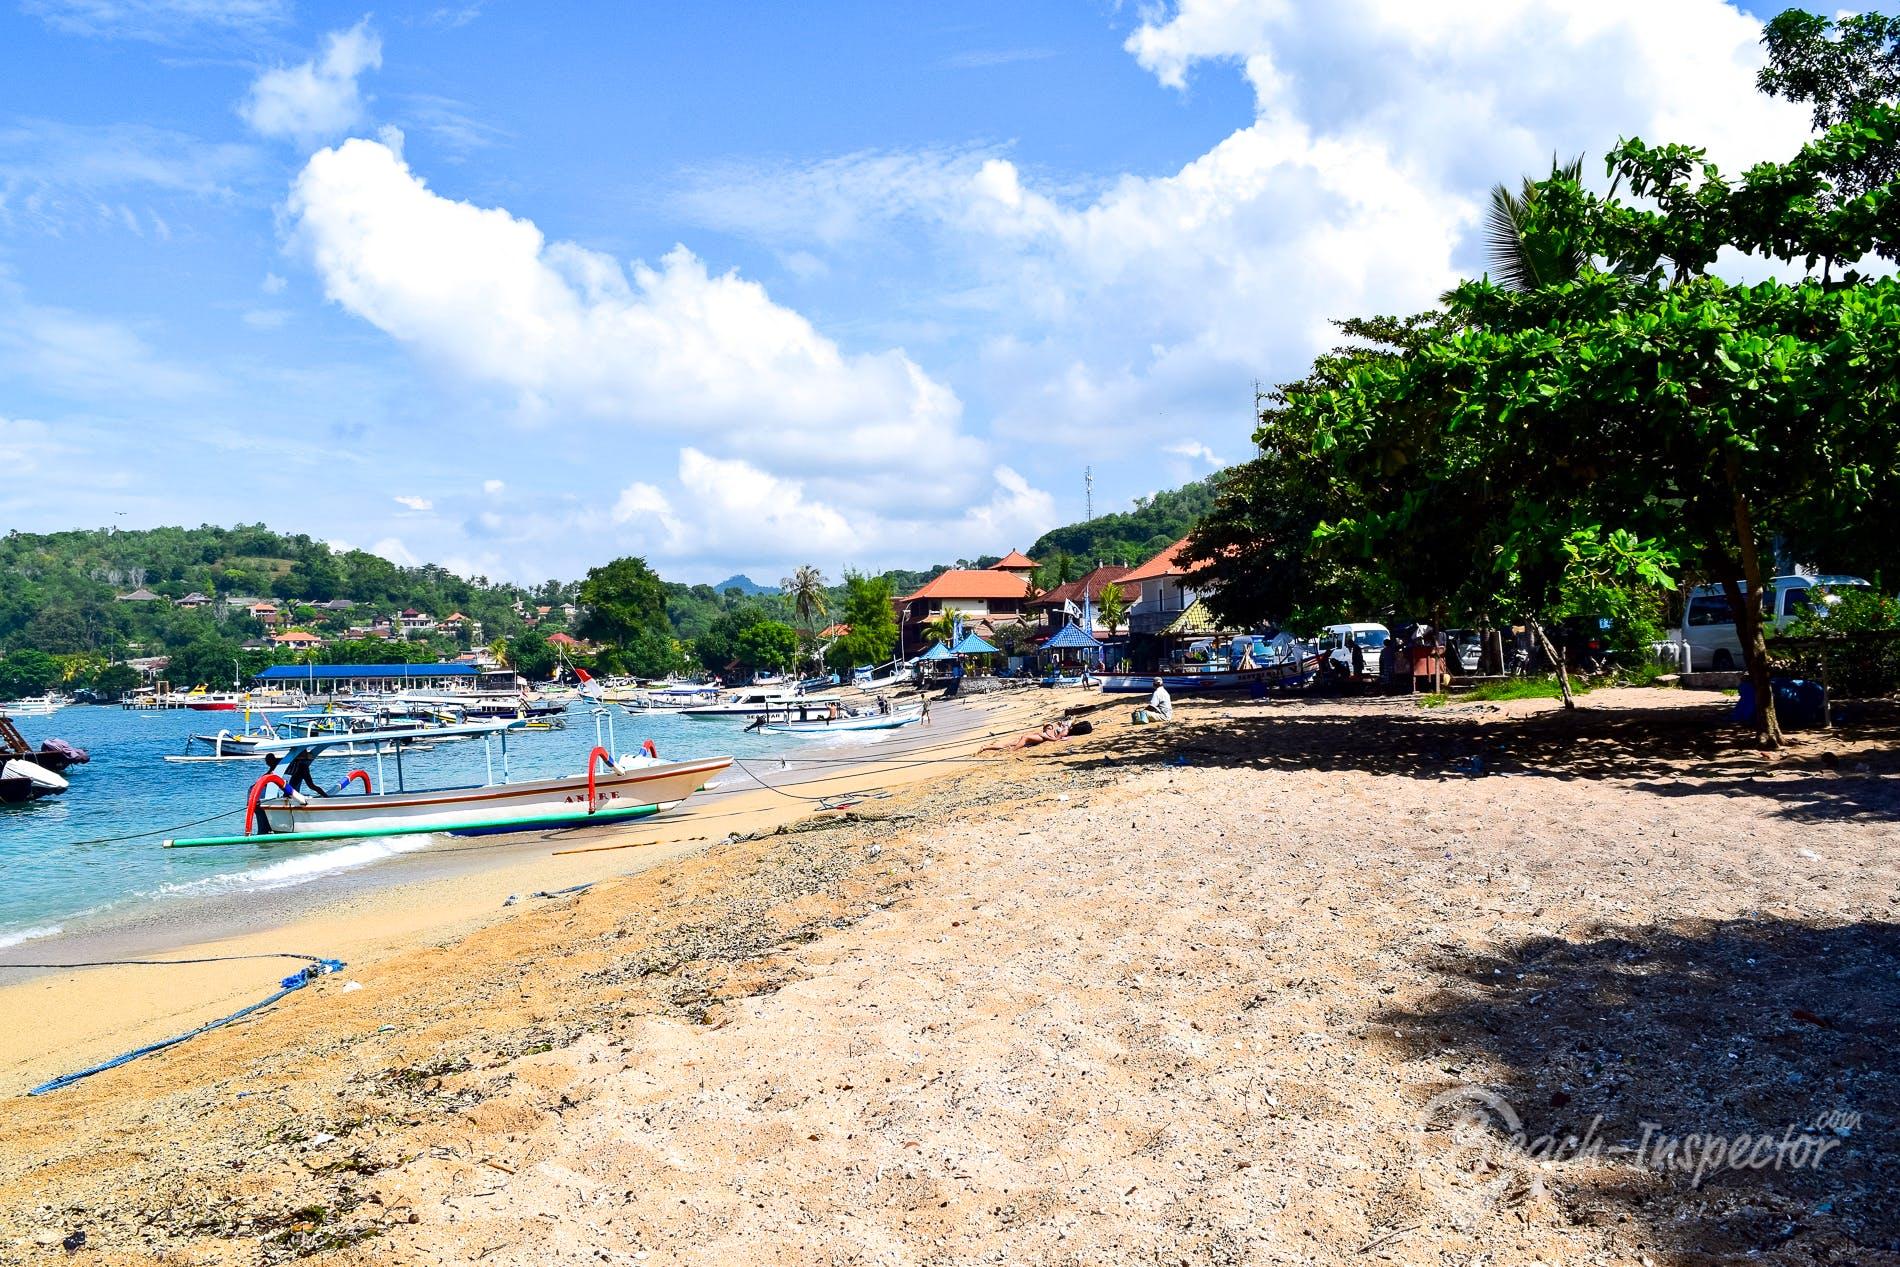 Beach Padang Bai Beach, Bali, Indonesia